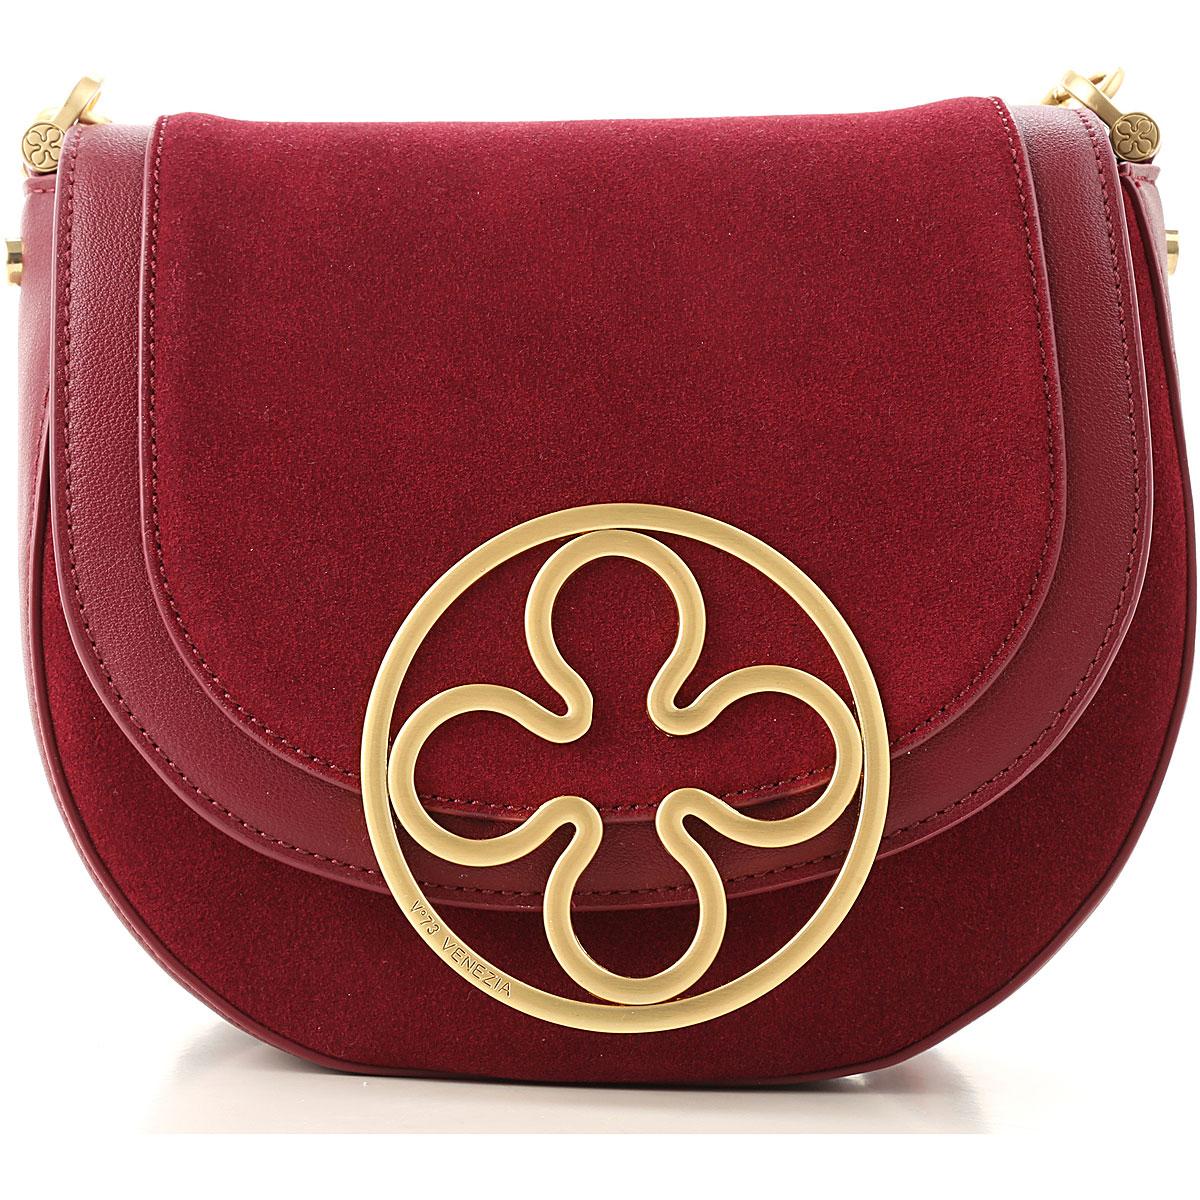 V73 Shoulder Bag for Women On Sale, Bordeaux, Leather, 2019